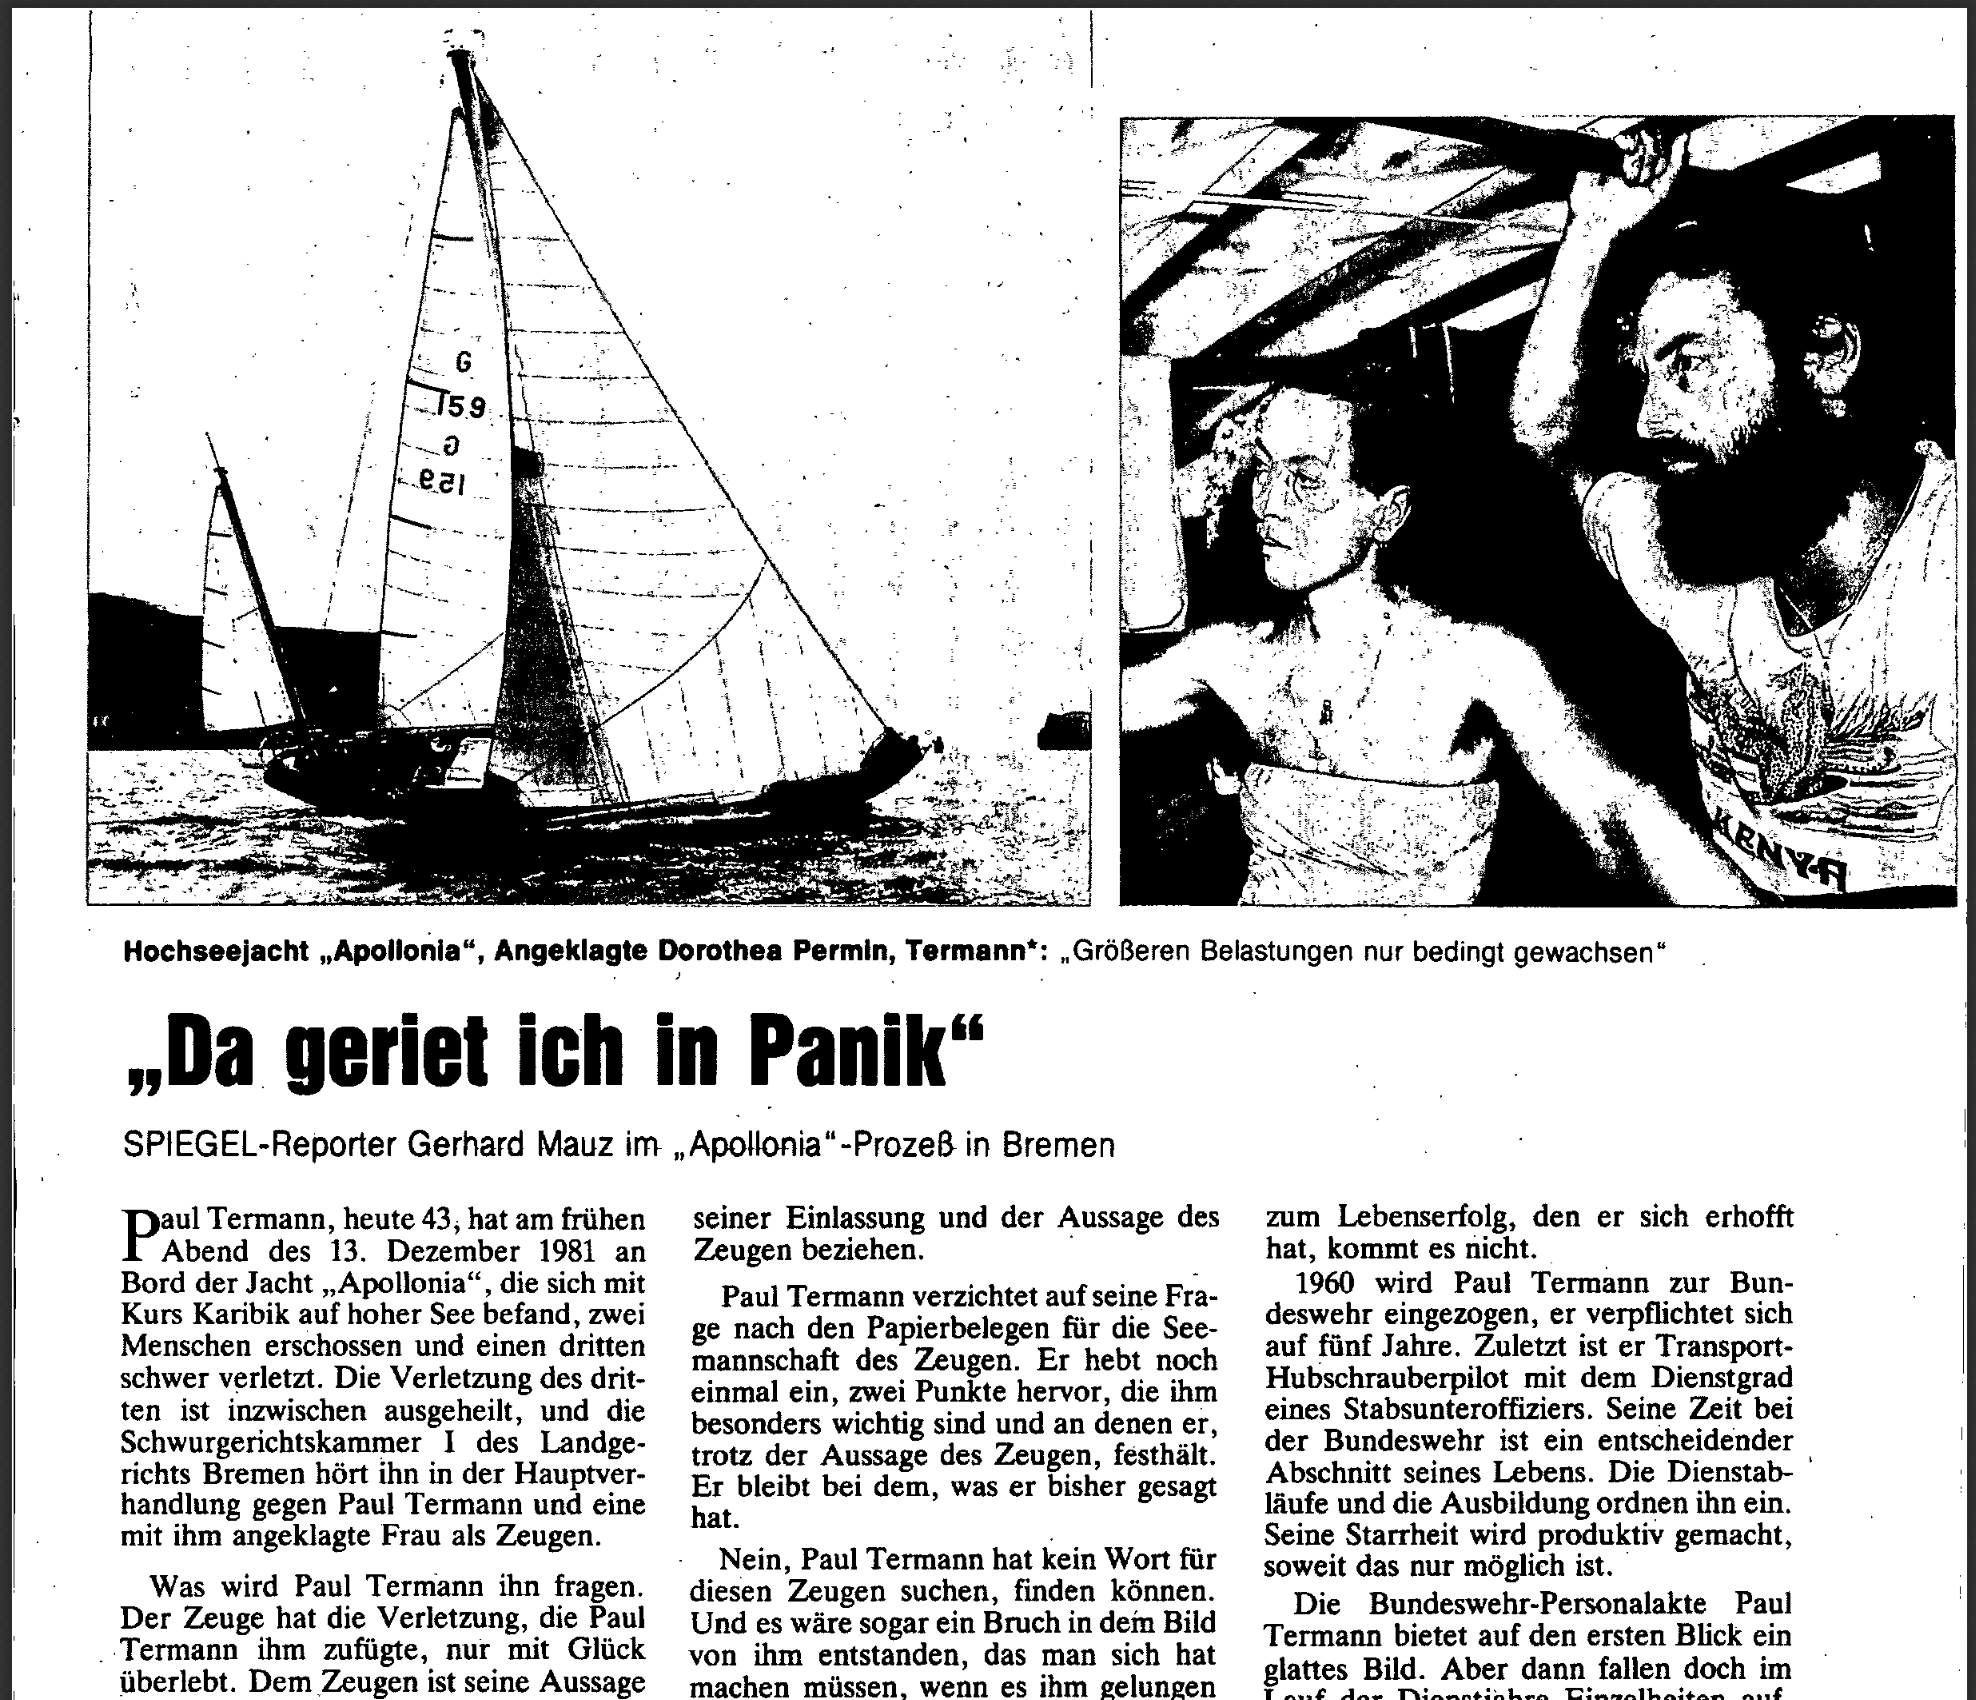 הדיווח על רצח אפולוניה בדר שפיגל, 1982